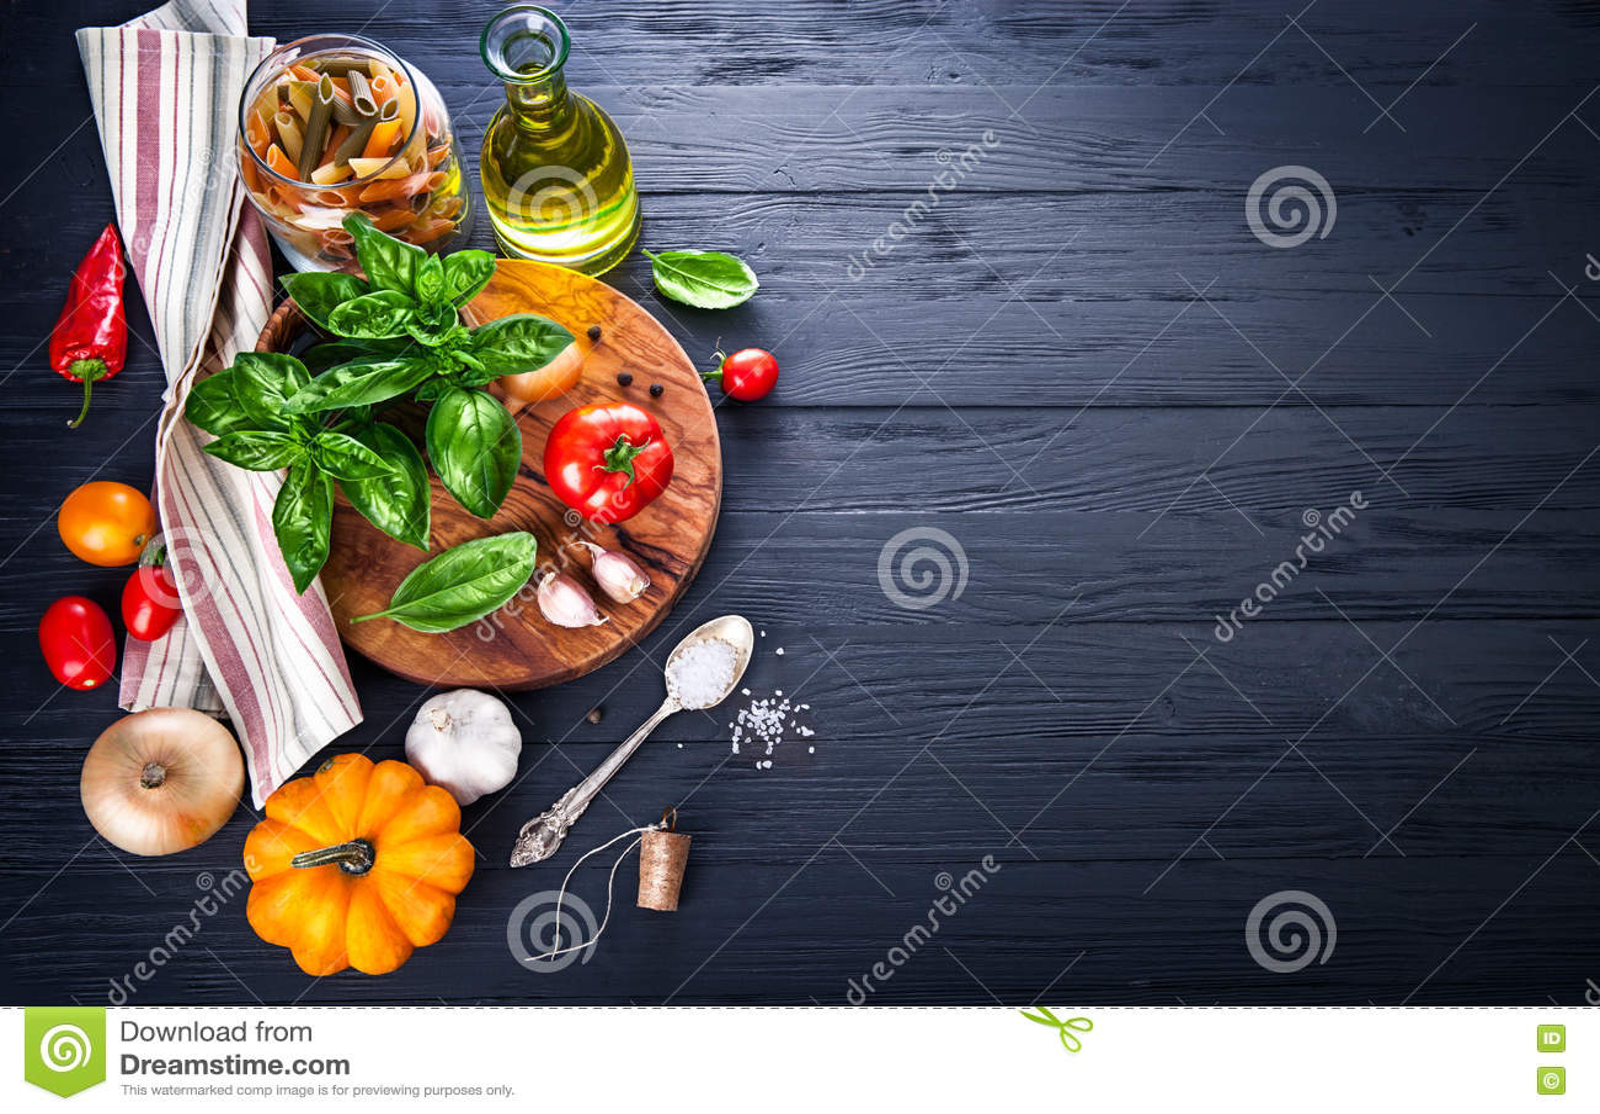 Συστατικό λαχανικών και καρυκευμάτων για το μαγείρεμα των ιταλικών τροφίμων